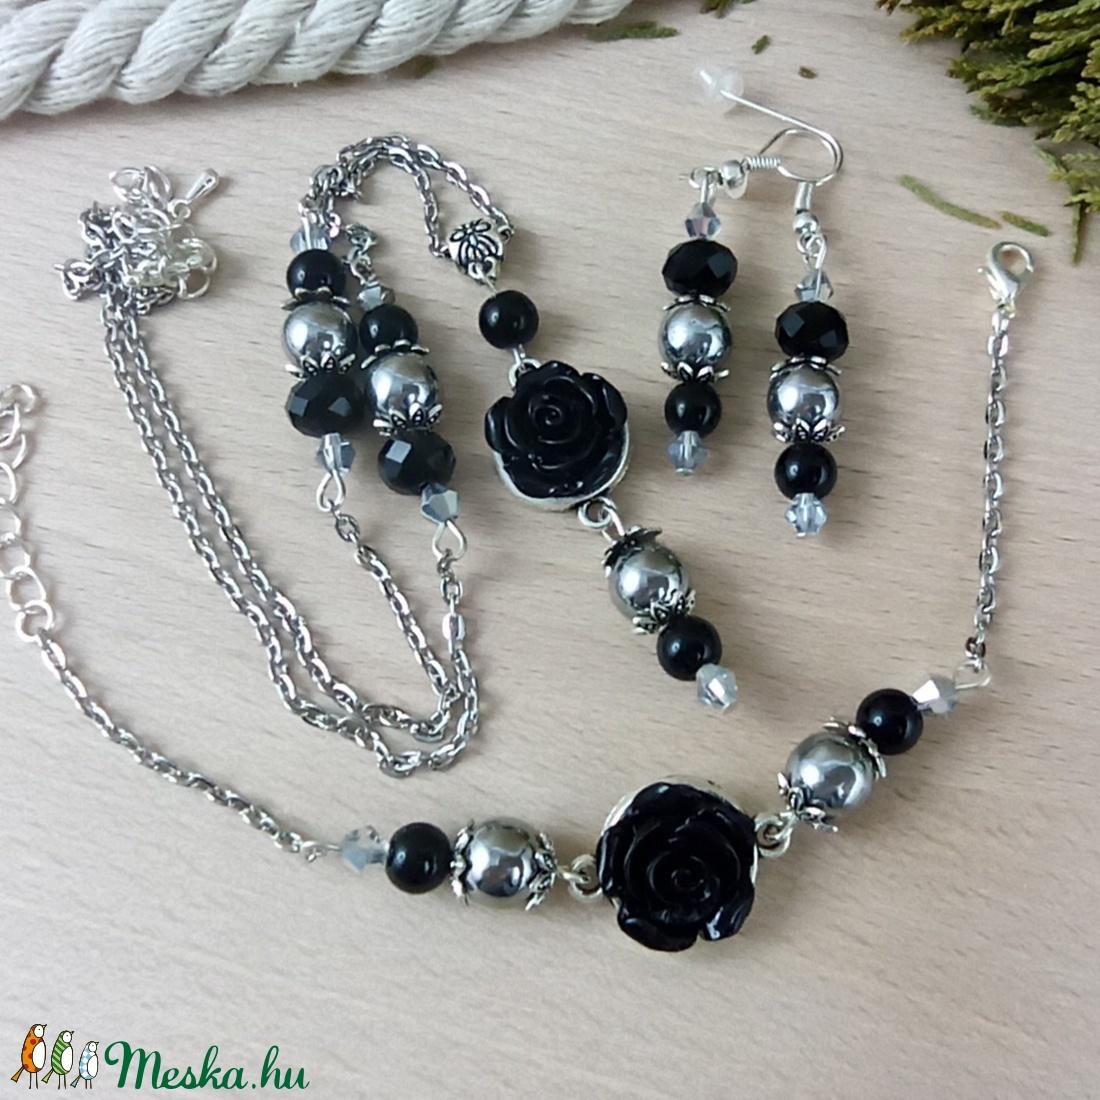 #39 fekete rózsás szett nyaklánc fülbevaló karkötő vintage esküvő alkalmi koszorúslány örömanya menyasszony násznagy - ékszer - ékszerszett - Meska.hu